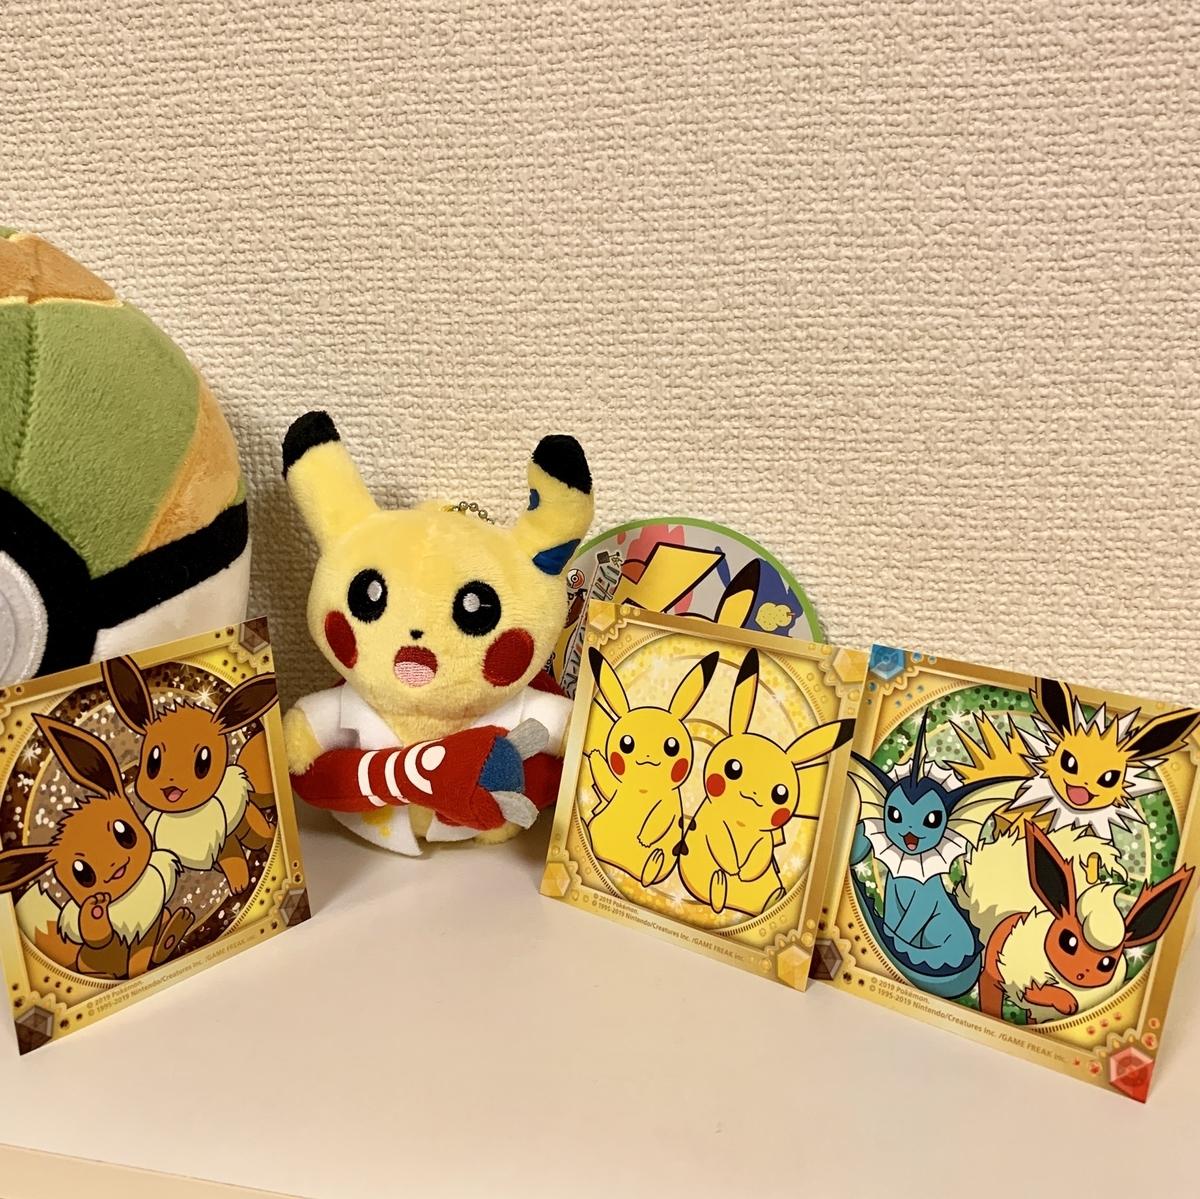 f:id:pikachu_pcn:20190820220809j:plain